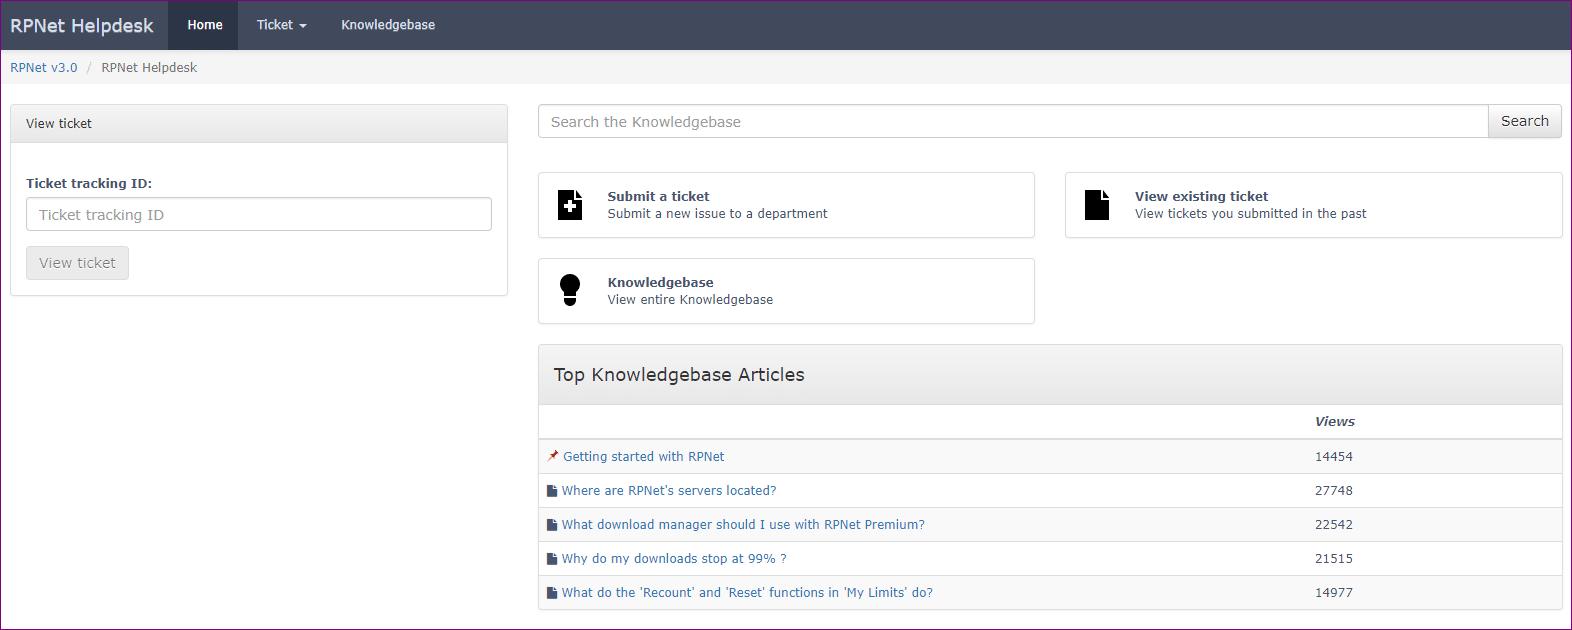 RPnet help desk